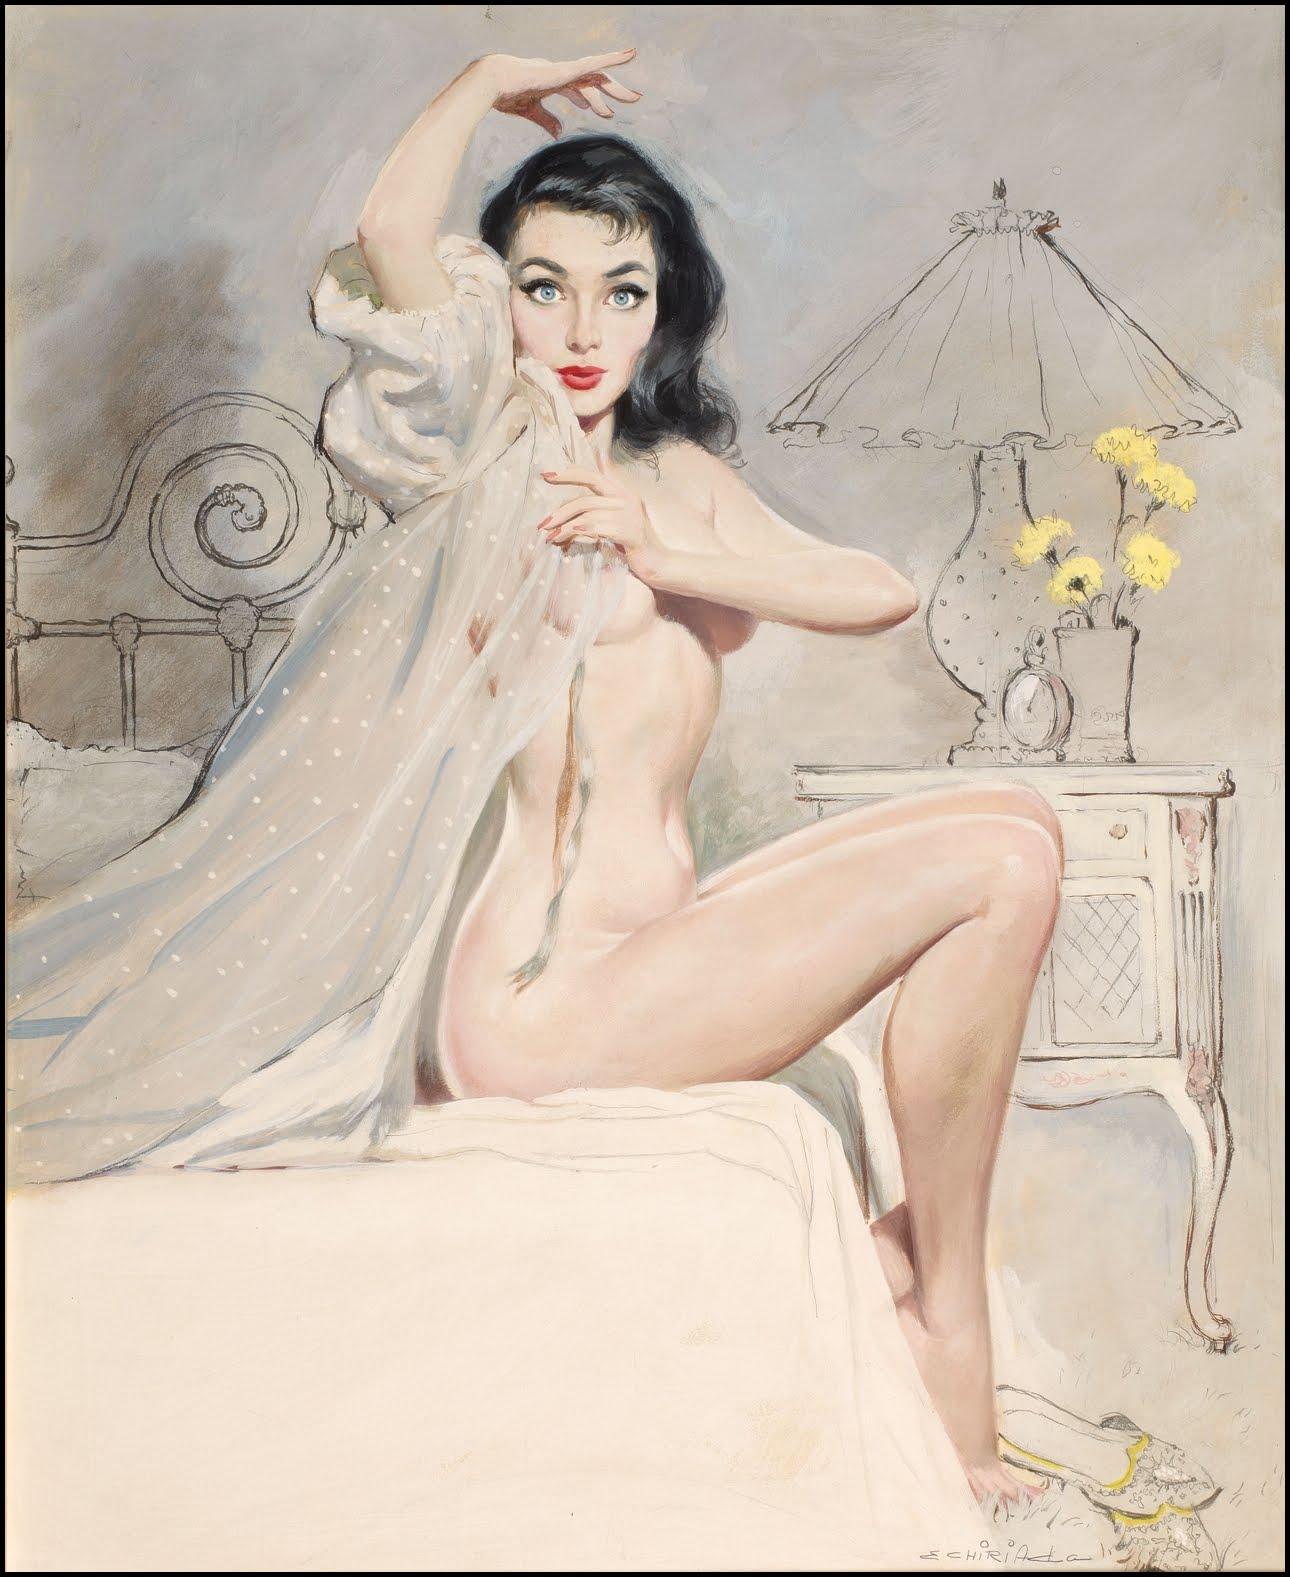 http://4.bp.blogspot.com/_zD76GyK9Tjo/TSFGSRvjWnI/AAAAAAAACh8/XEIr6nXA0o8/s1600/chiriacka-boudoirpinup-c1953.jpg